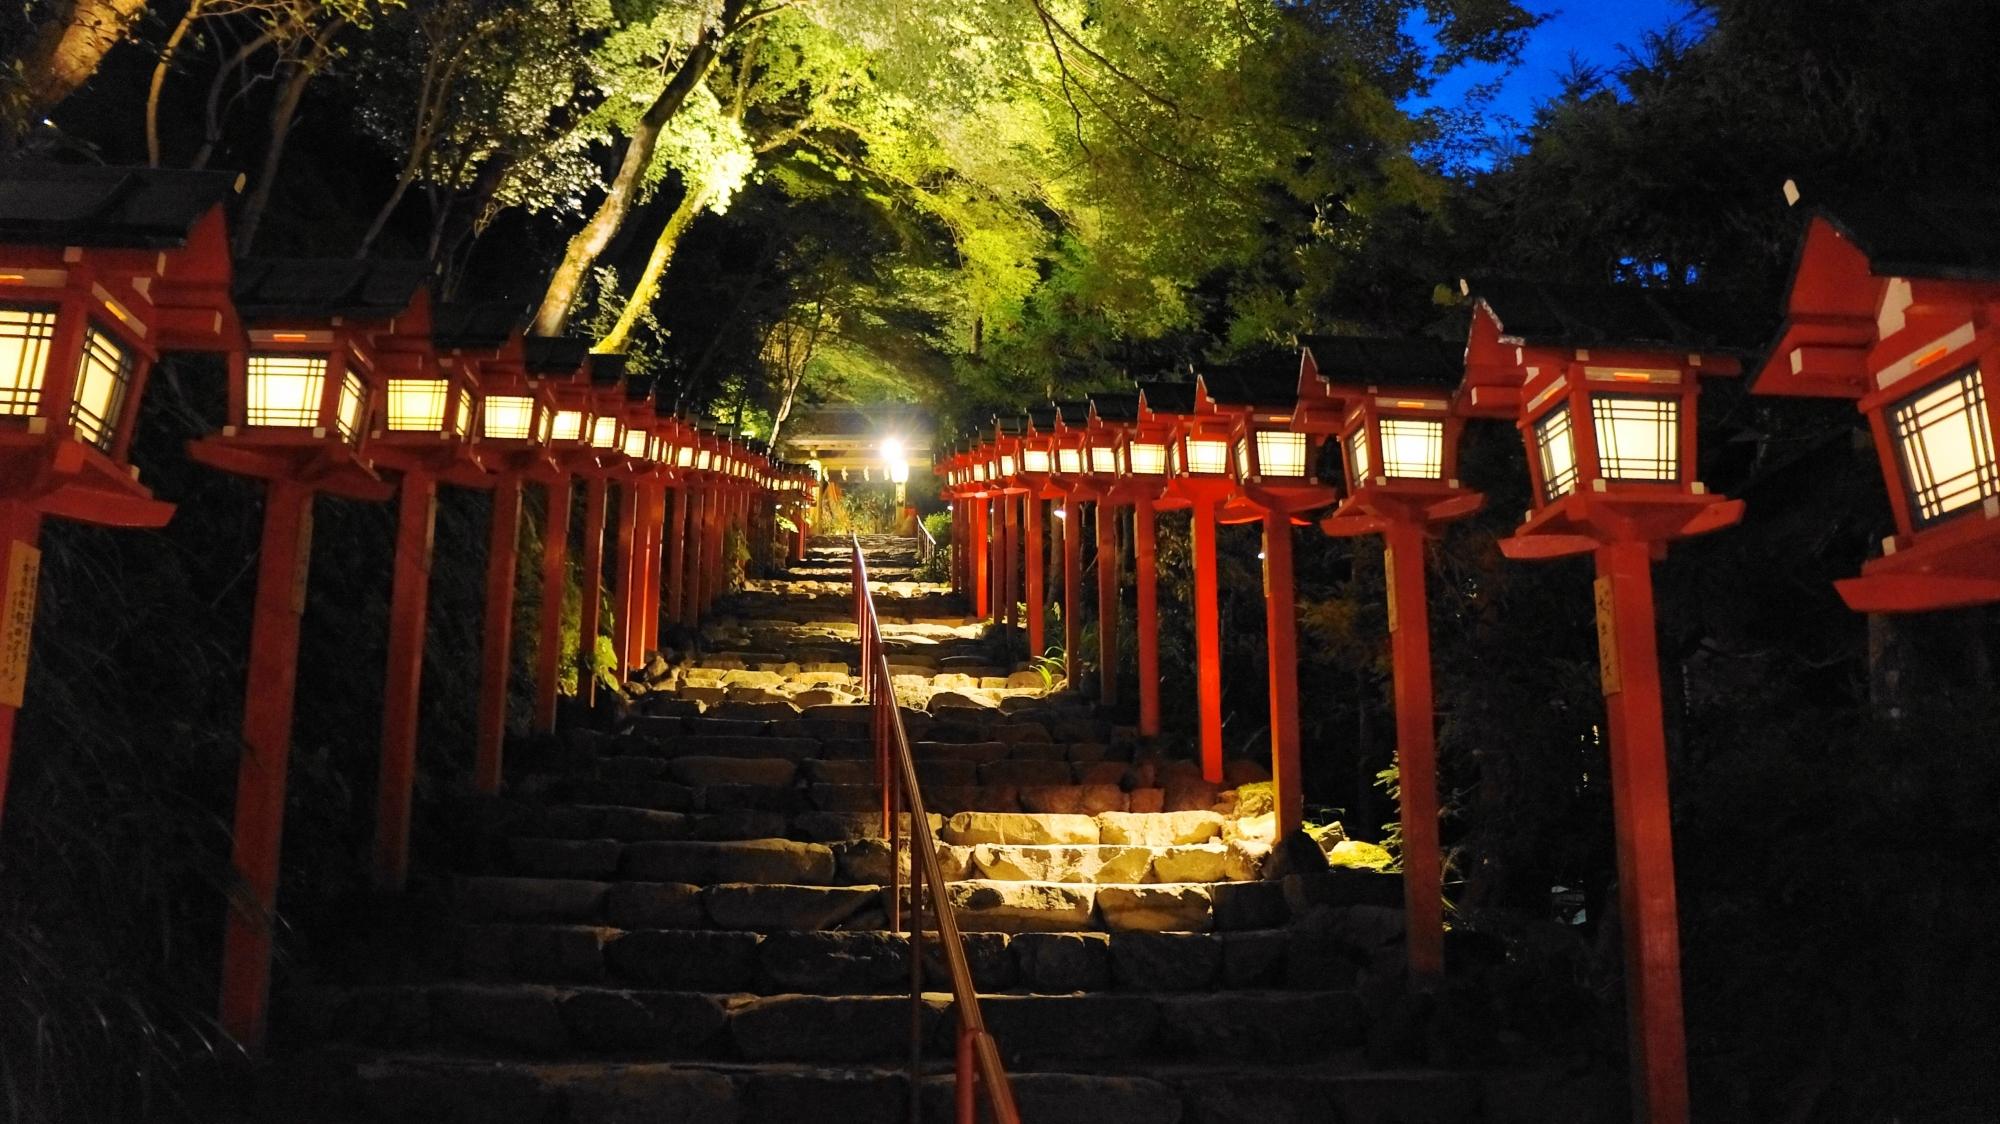 貴船神社 七夕笹飾りライトアップ 幻想的な灯りと青もみじ